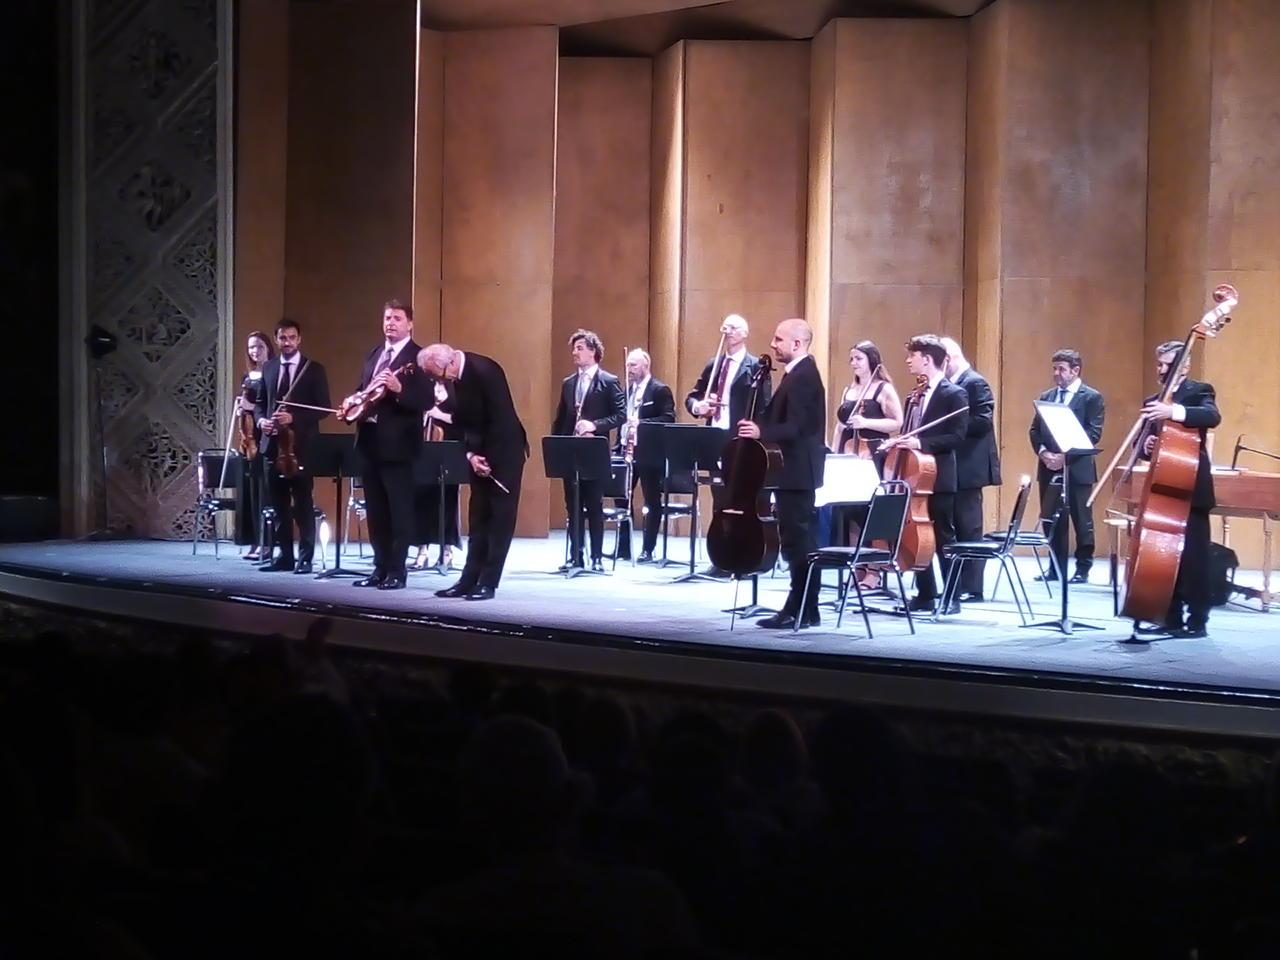 La reconocida Orchestra da Camera Ferruccio Busoni, procedente de Trieste, Italia (país invitado de la FILC) se presentó la noche de ayer lunes en el escenario del Teatro Isauro Martínez (TIM). (ESPECIAL)